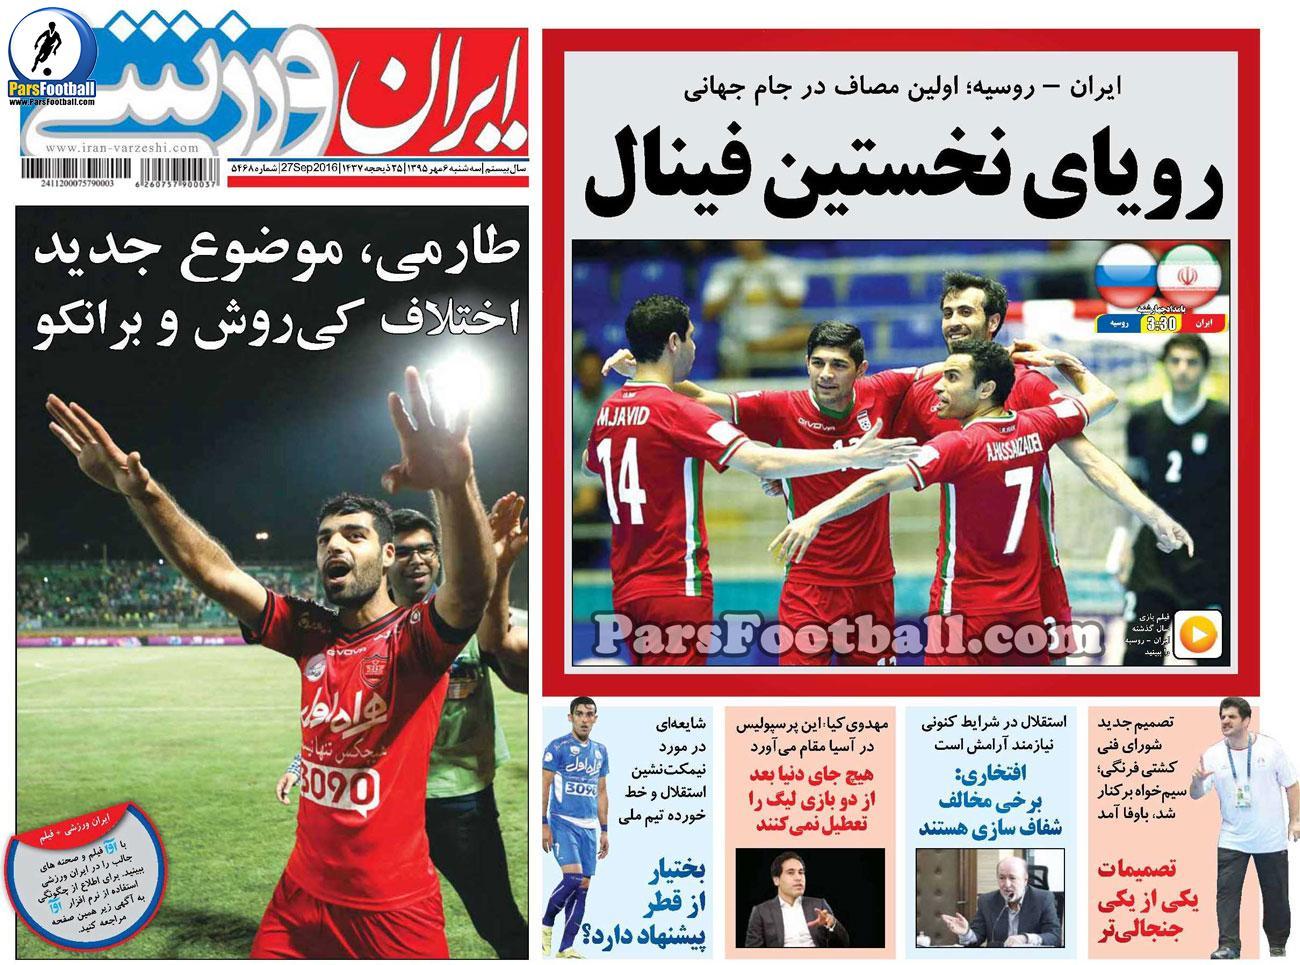 روزنامه ایران ورزشی سه شنبه 6 مهر 95